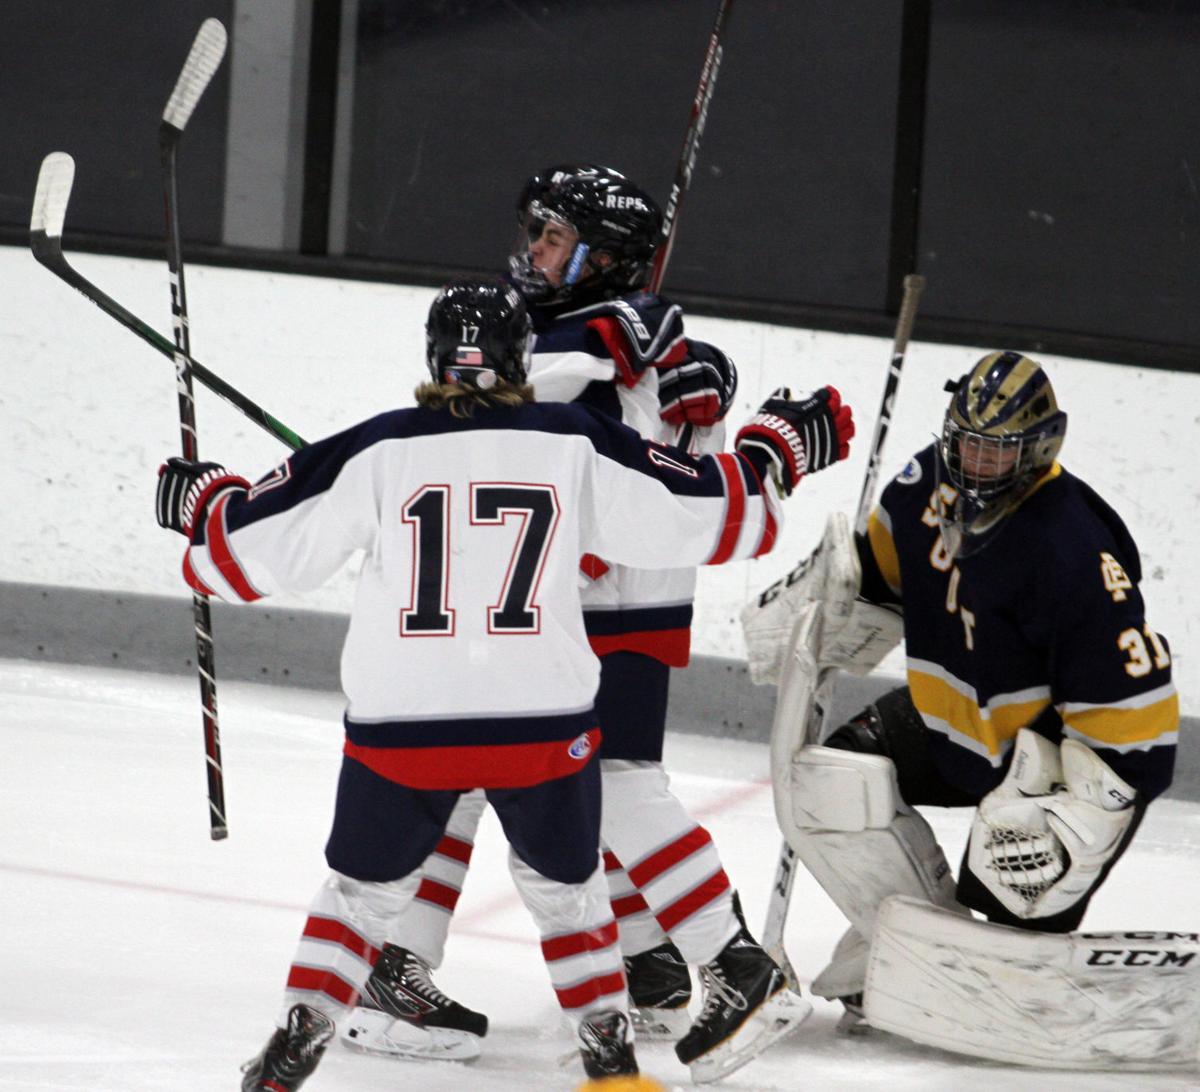 Hockey7 JUMP